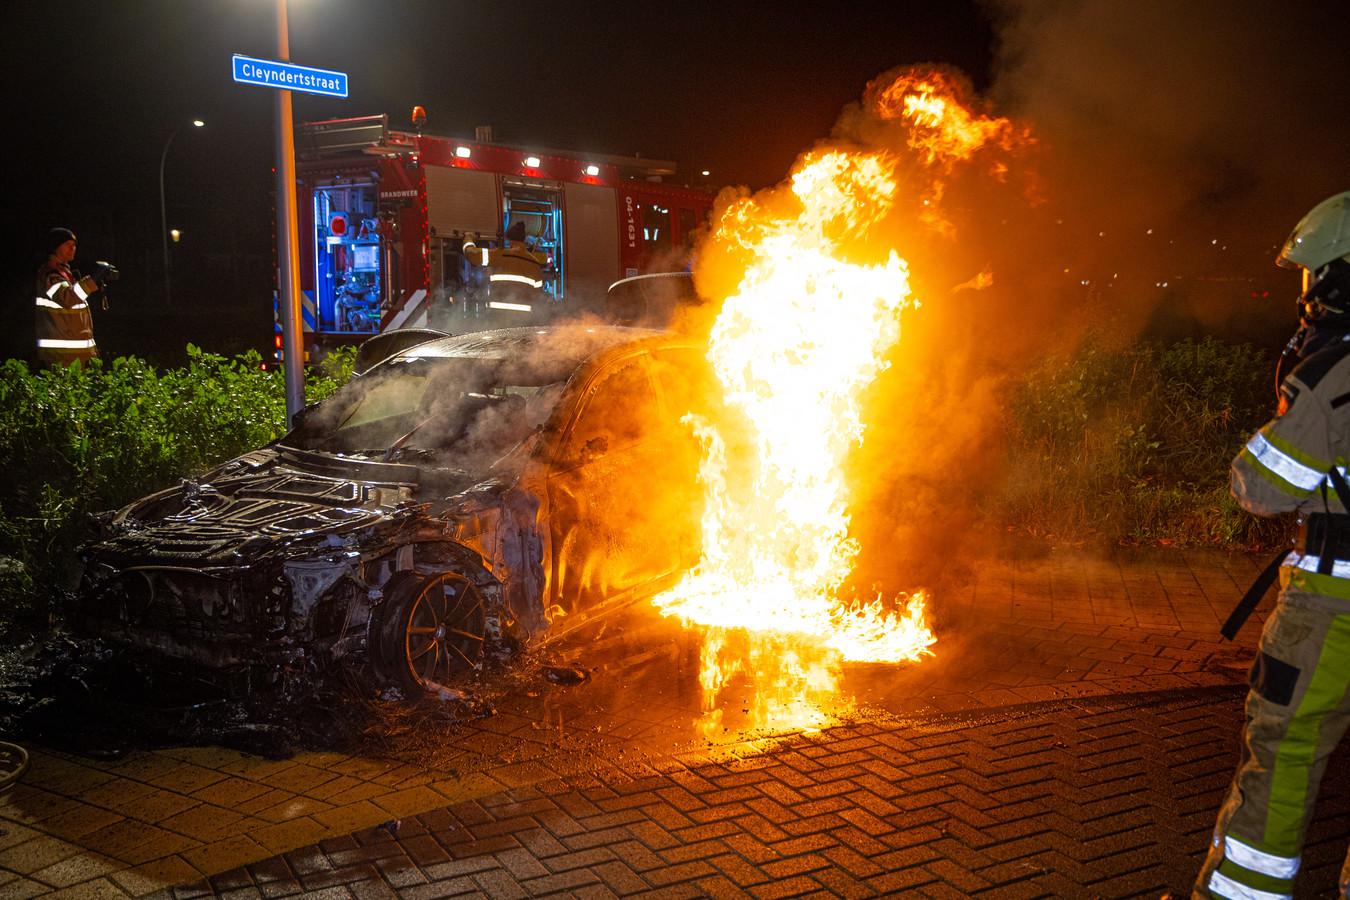 Autbrand vannacht in Zwolle. Van het uitgebrande voertuig bleef weinig meer over. Ook in Apeldoorn ging een auto in vlammen op.